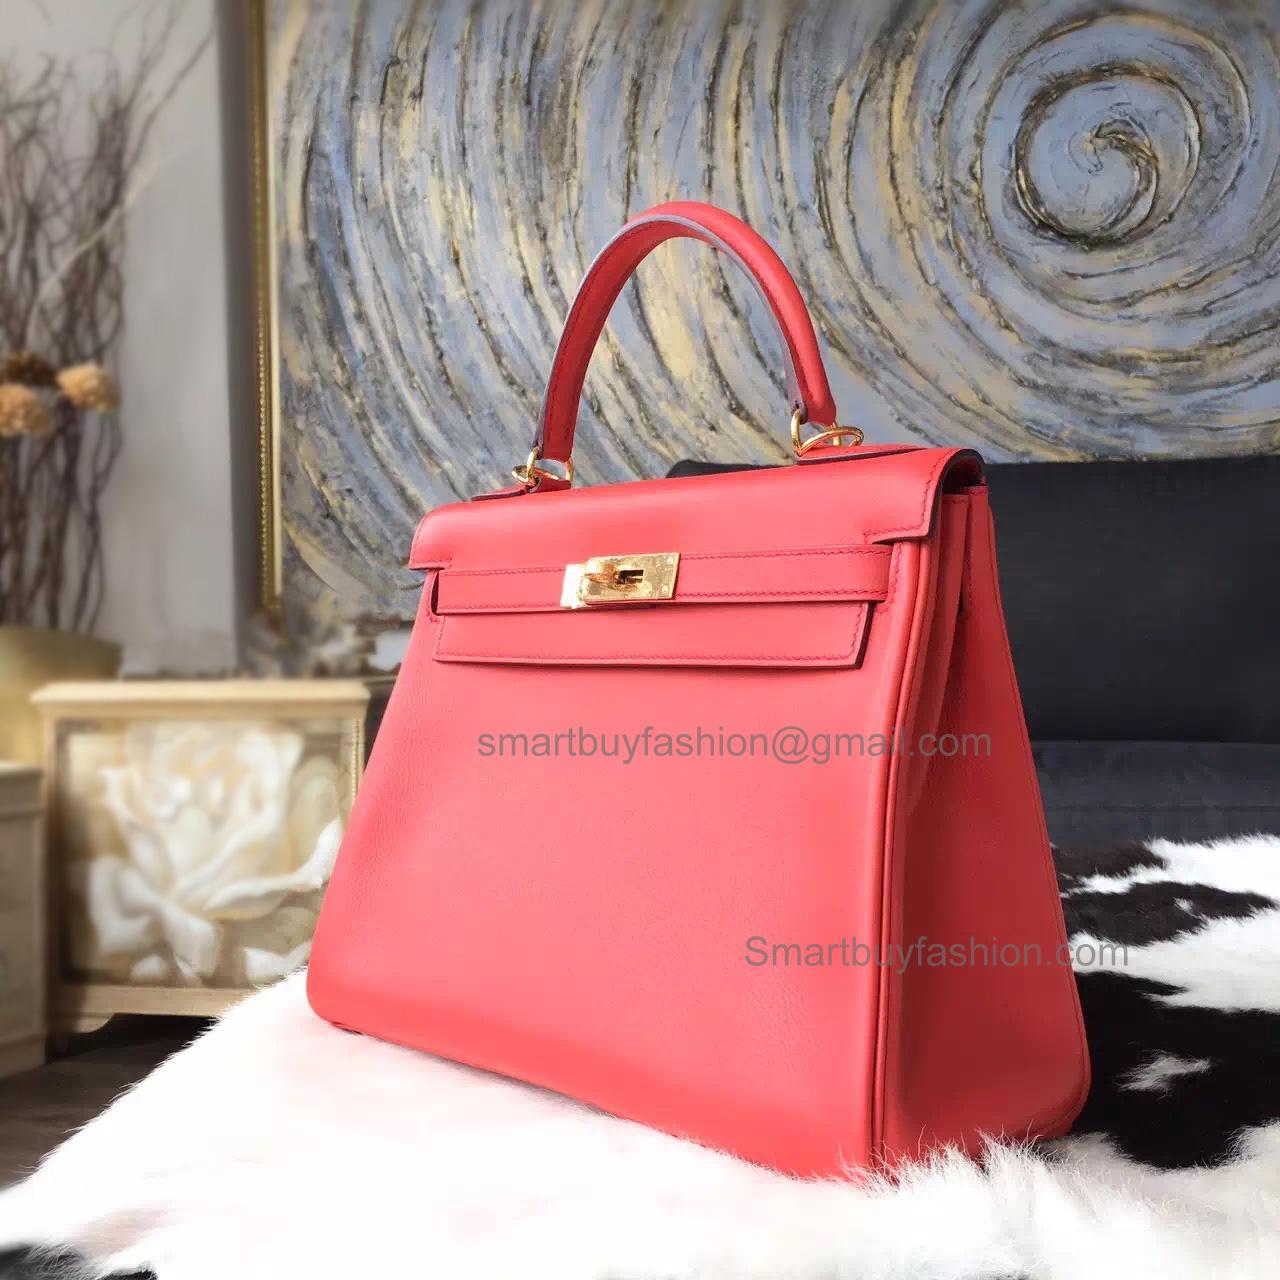 4702347f64ec Replica Hermes Kelly 28 Handmade Bag in t5 Rose Jaipur Swift Calfskin GHW